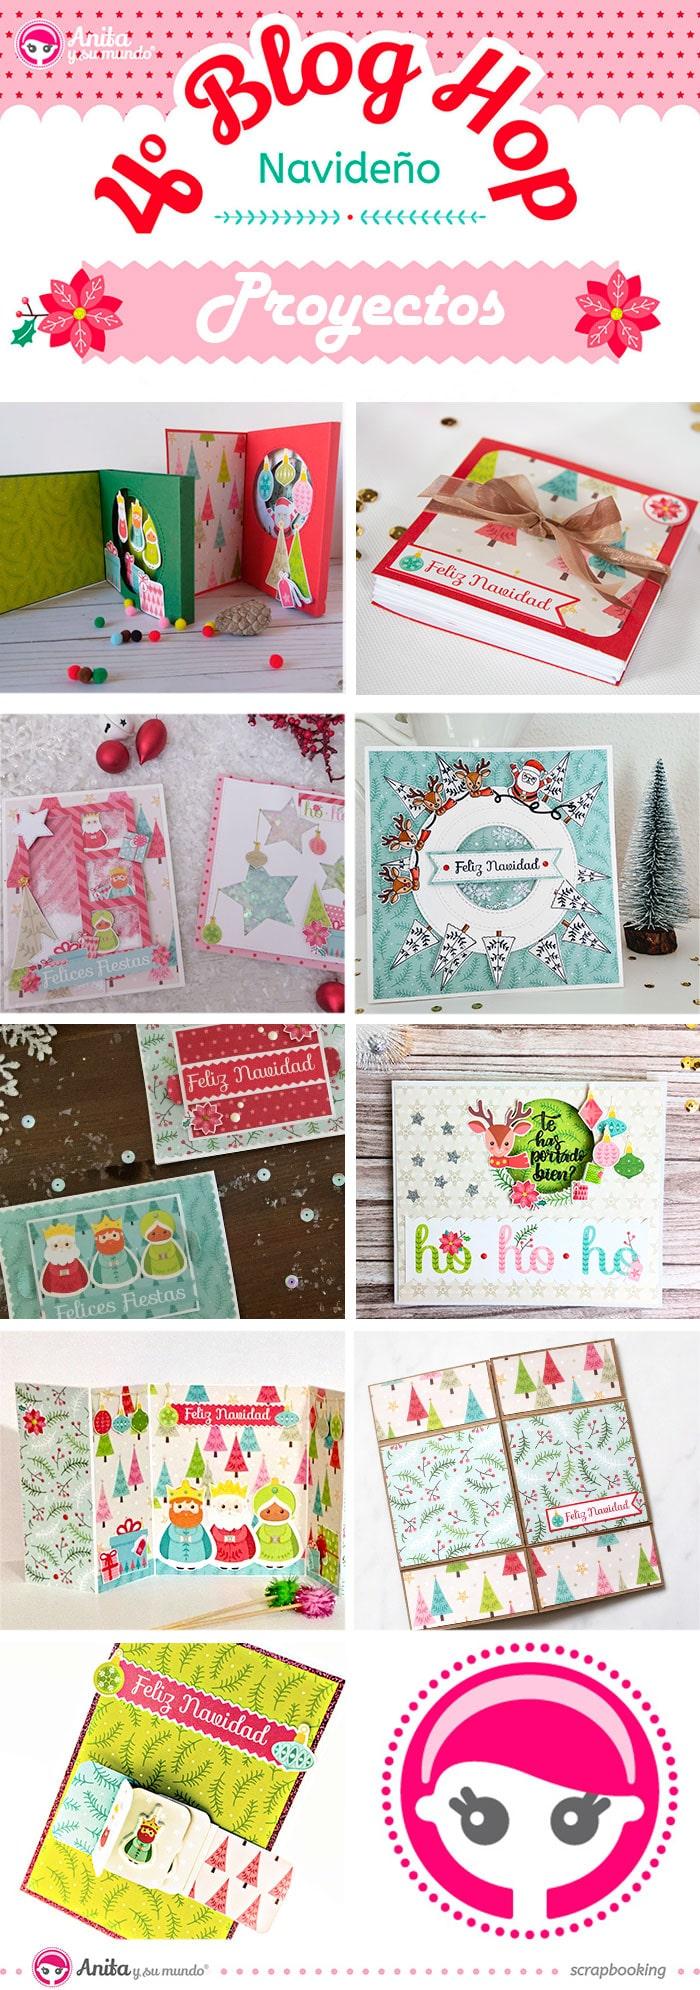 tarjetas navideñas de anita y su mundo